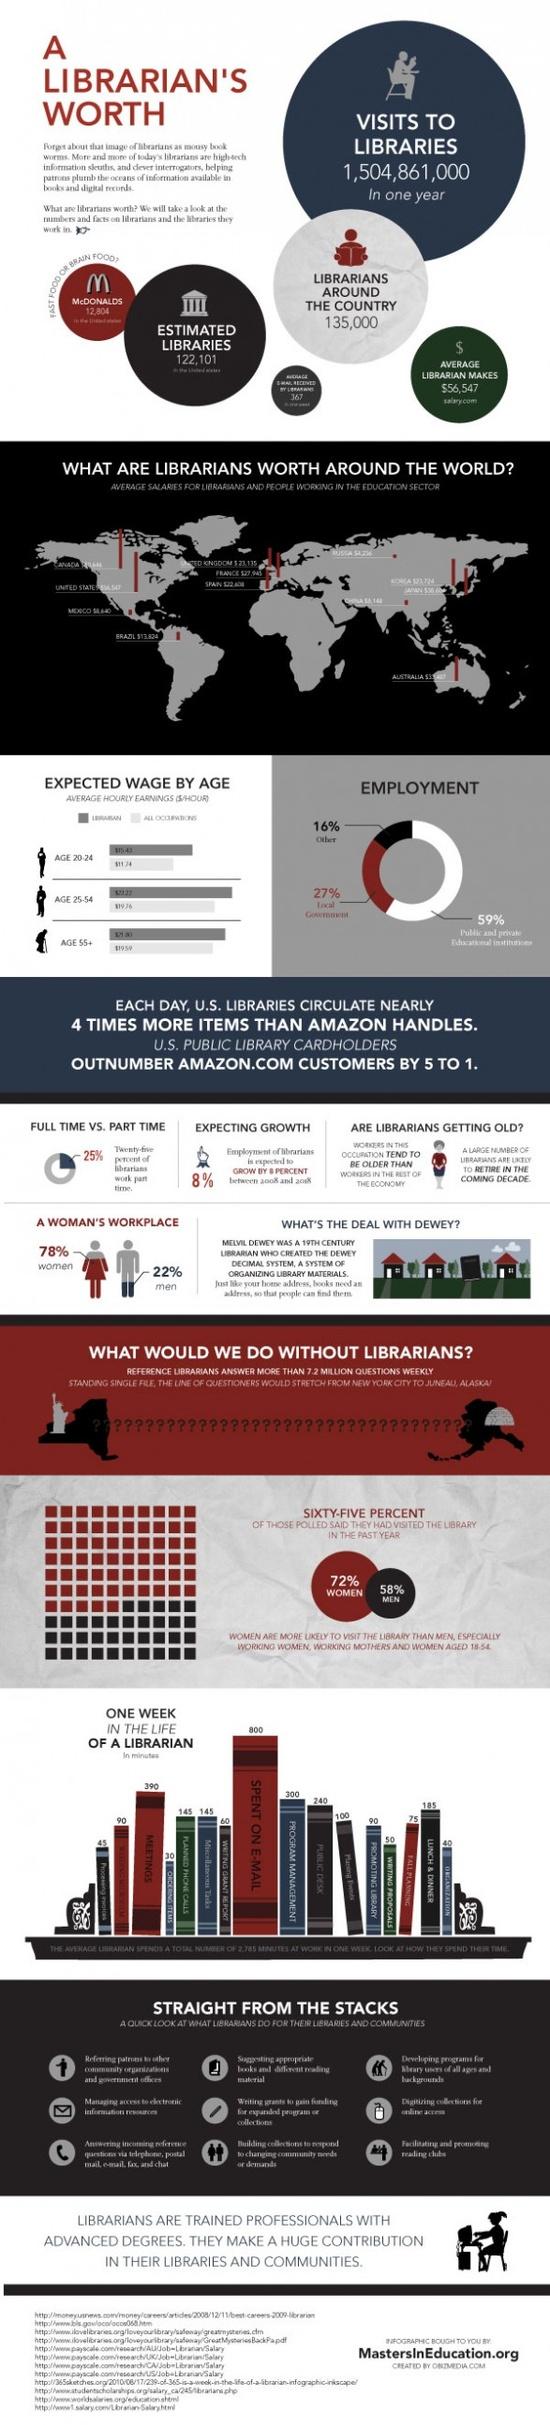 دور المكتبات وأمناء المكتبات